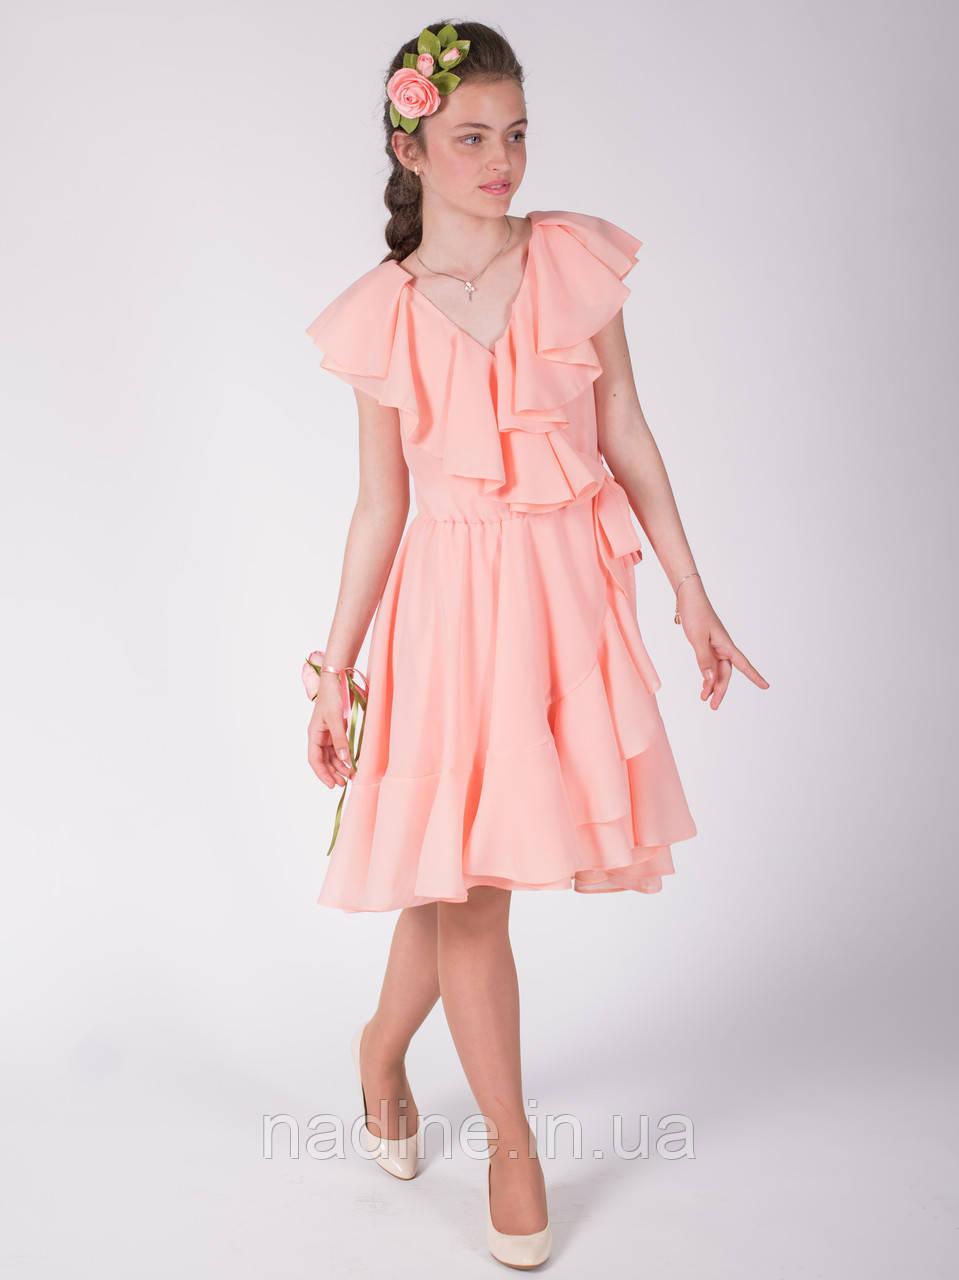 Шифоновое платье Enigmatic Rose Eirena Nadine (132-52) на девочку  152 персикового цвета